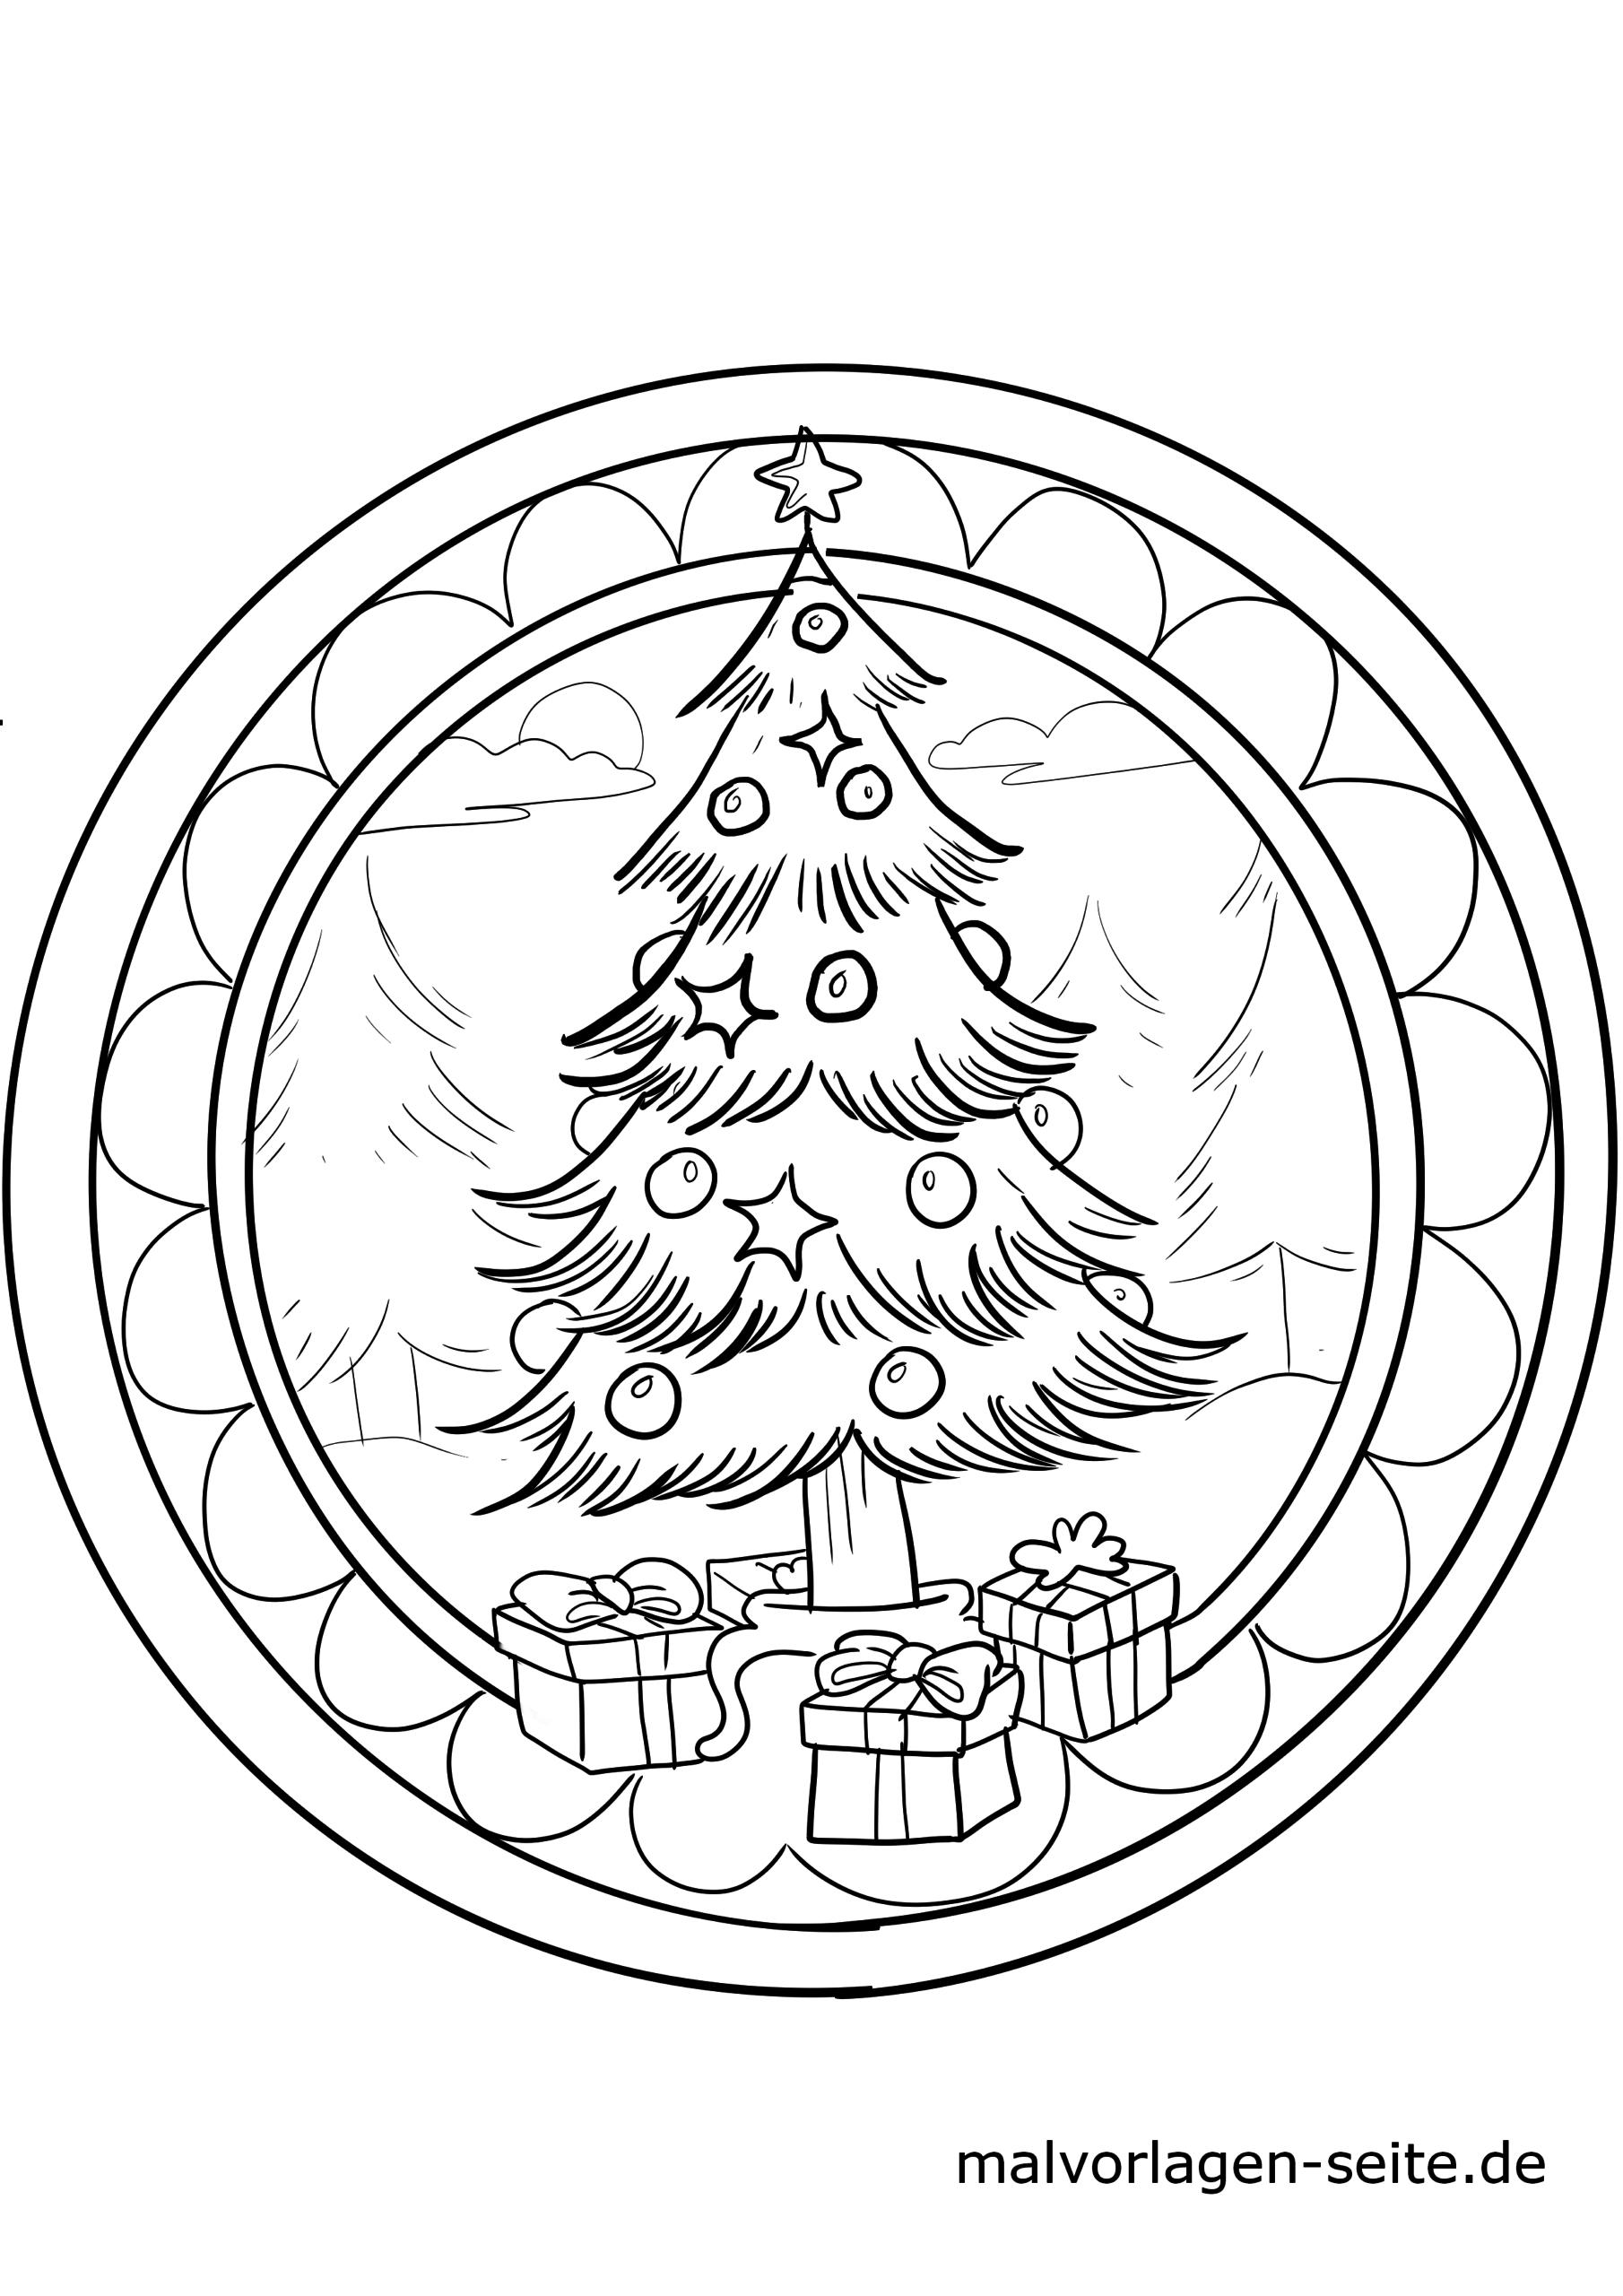 Weihnachtsmandala Zum Ausmalen | Weihnachten - Ausmalbilder in Weihnachts Ausmalbilder Kostenlos